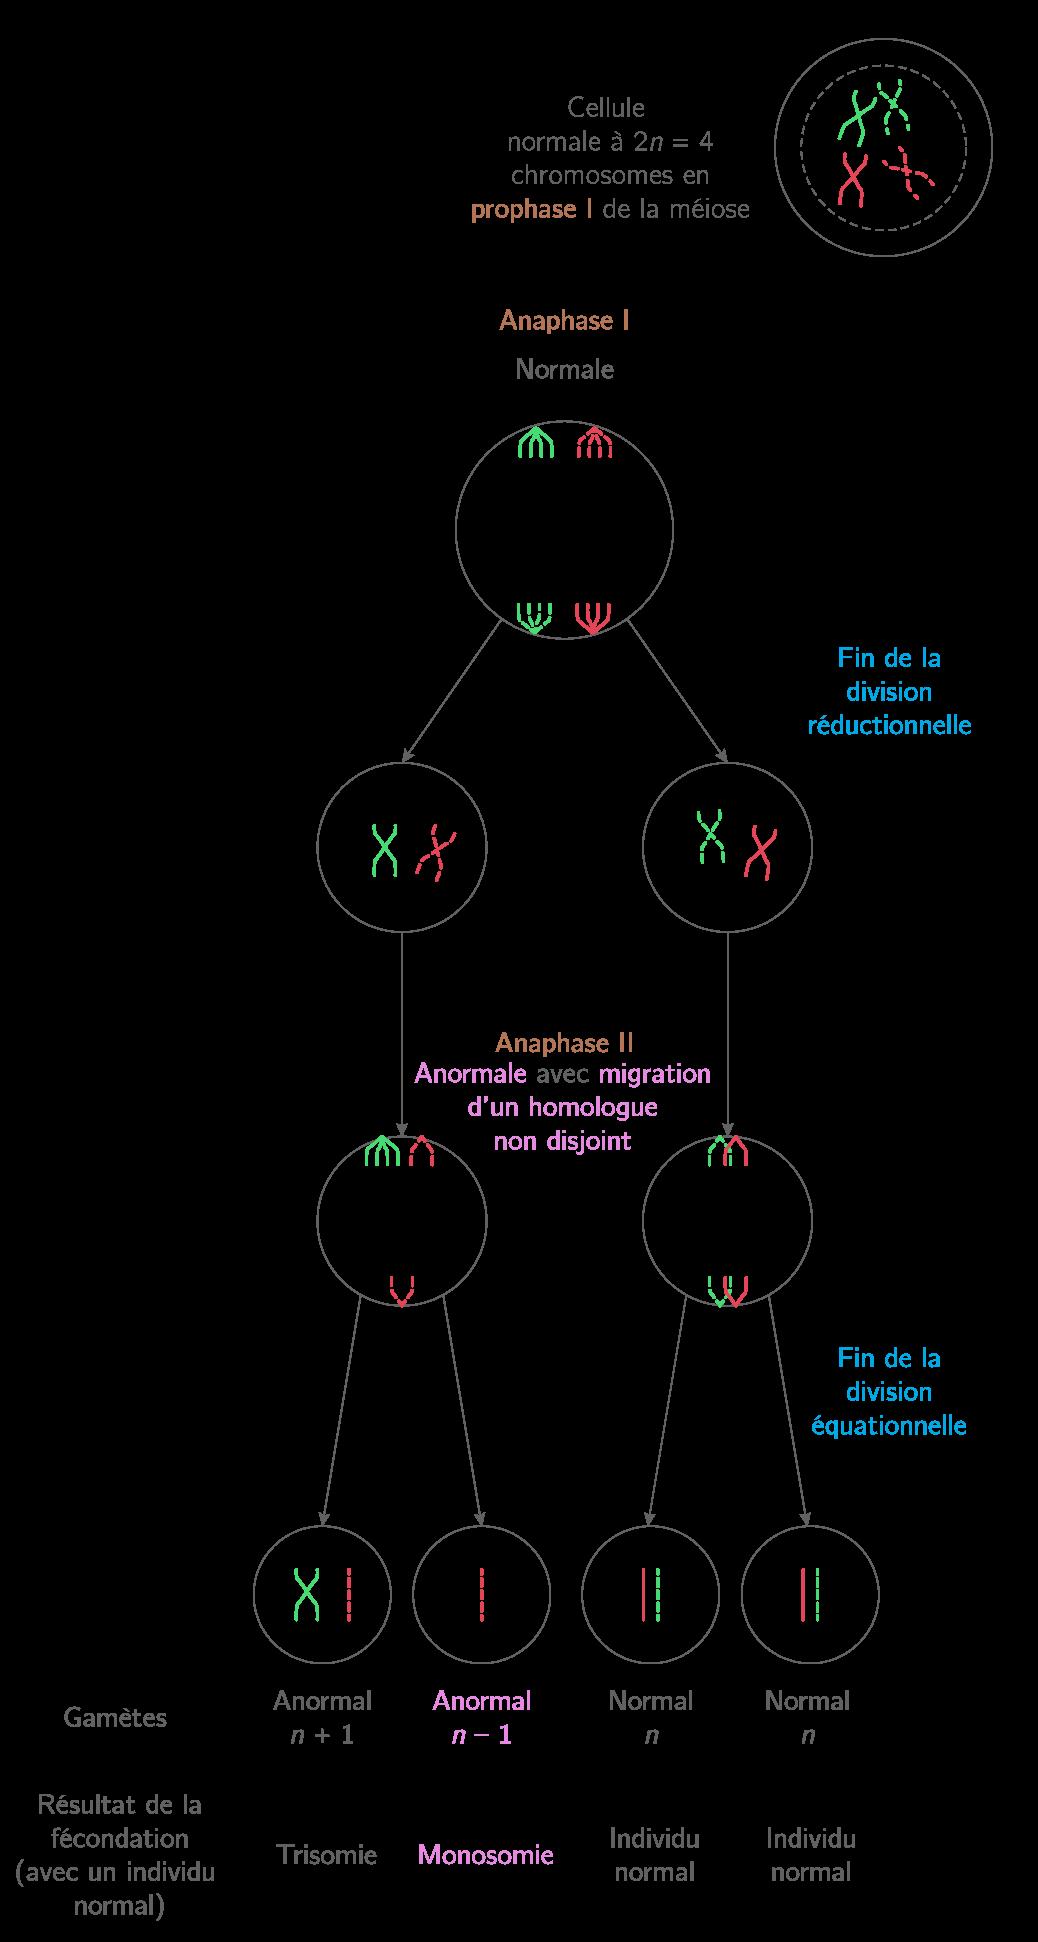 Schématisation d'une non-disjonction en anaphase 2